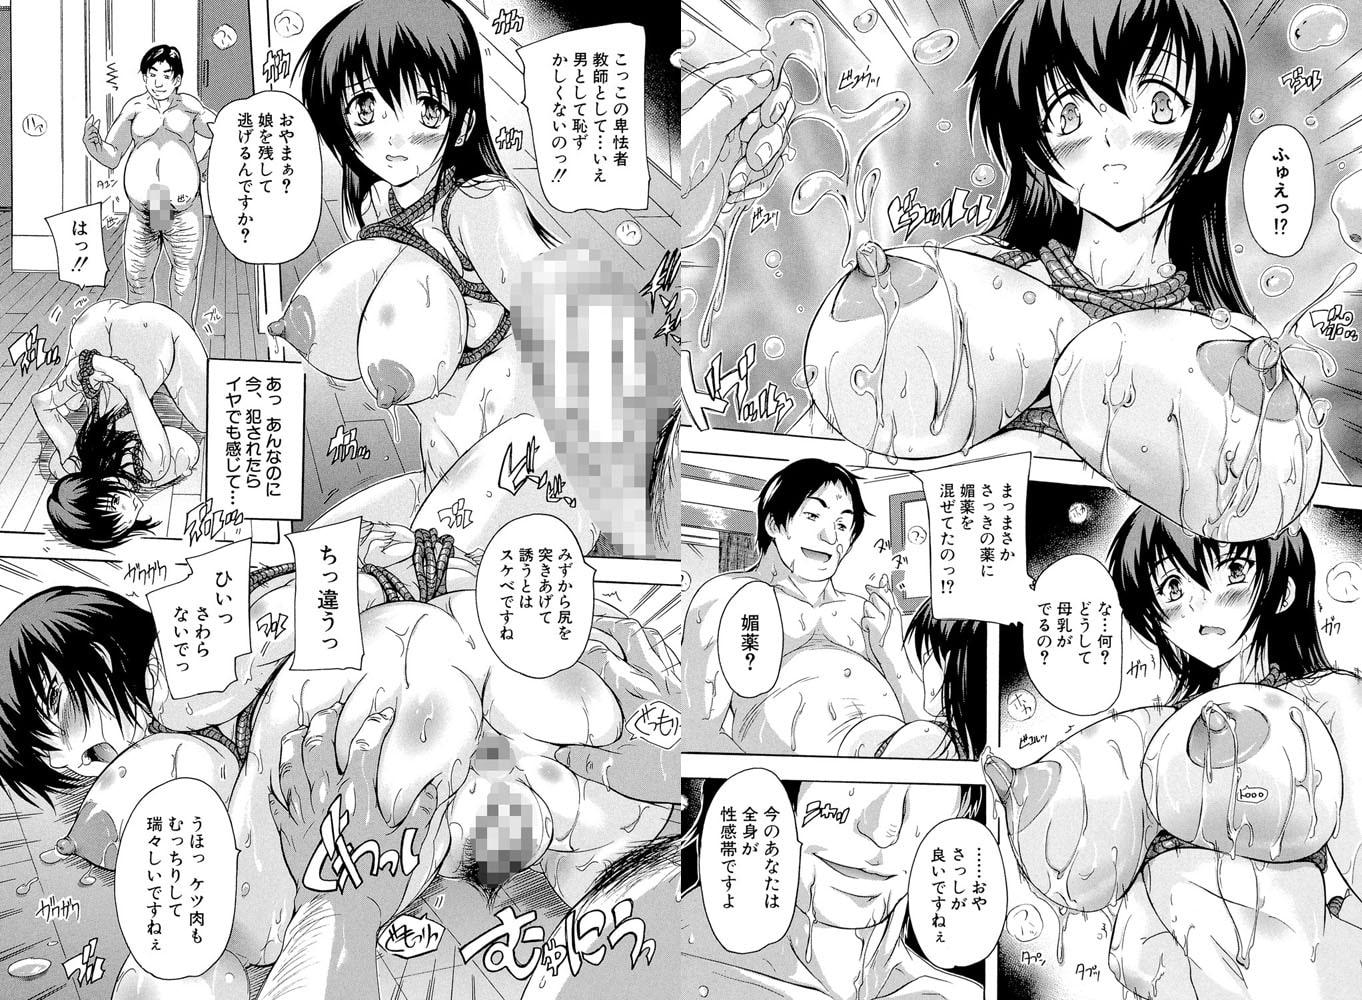 【ティーアイネット】奈塚Q弥先生 2冊パック(202005)